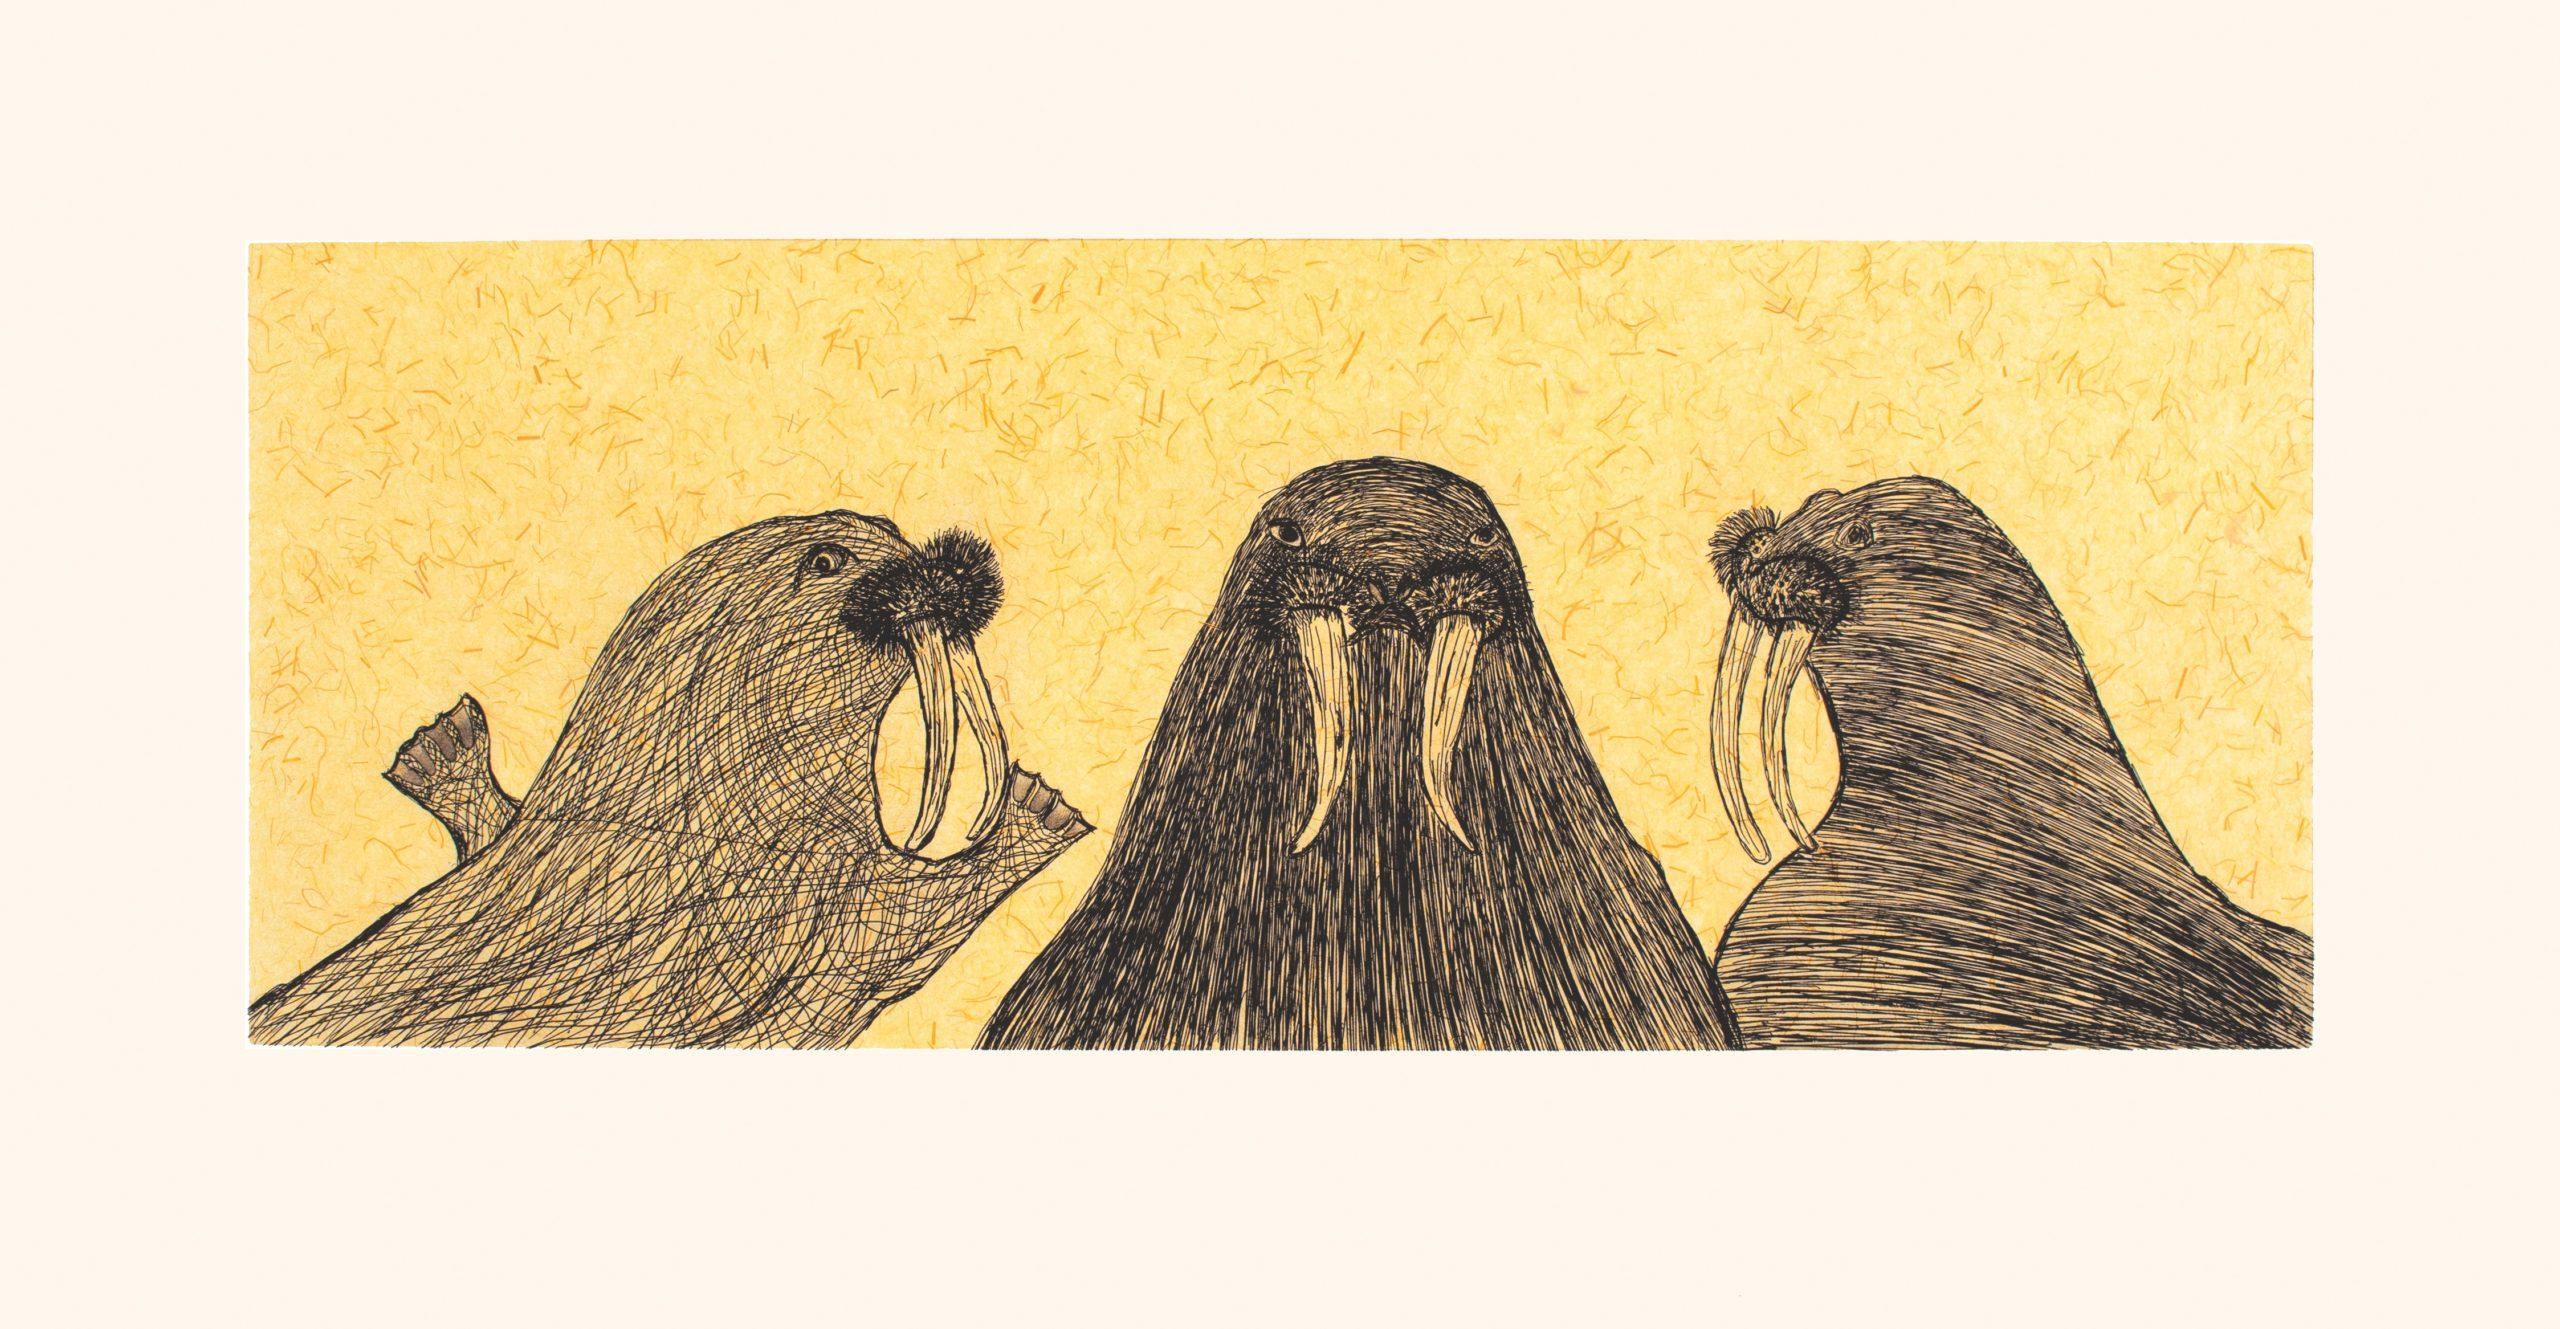 Walrus Lore by Qiatusk Ragee